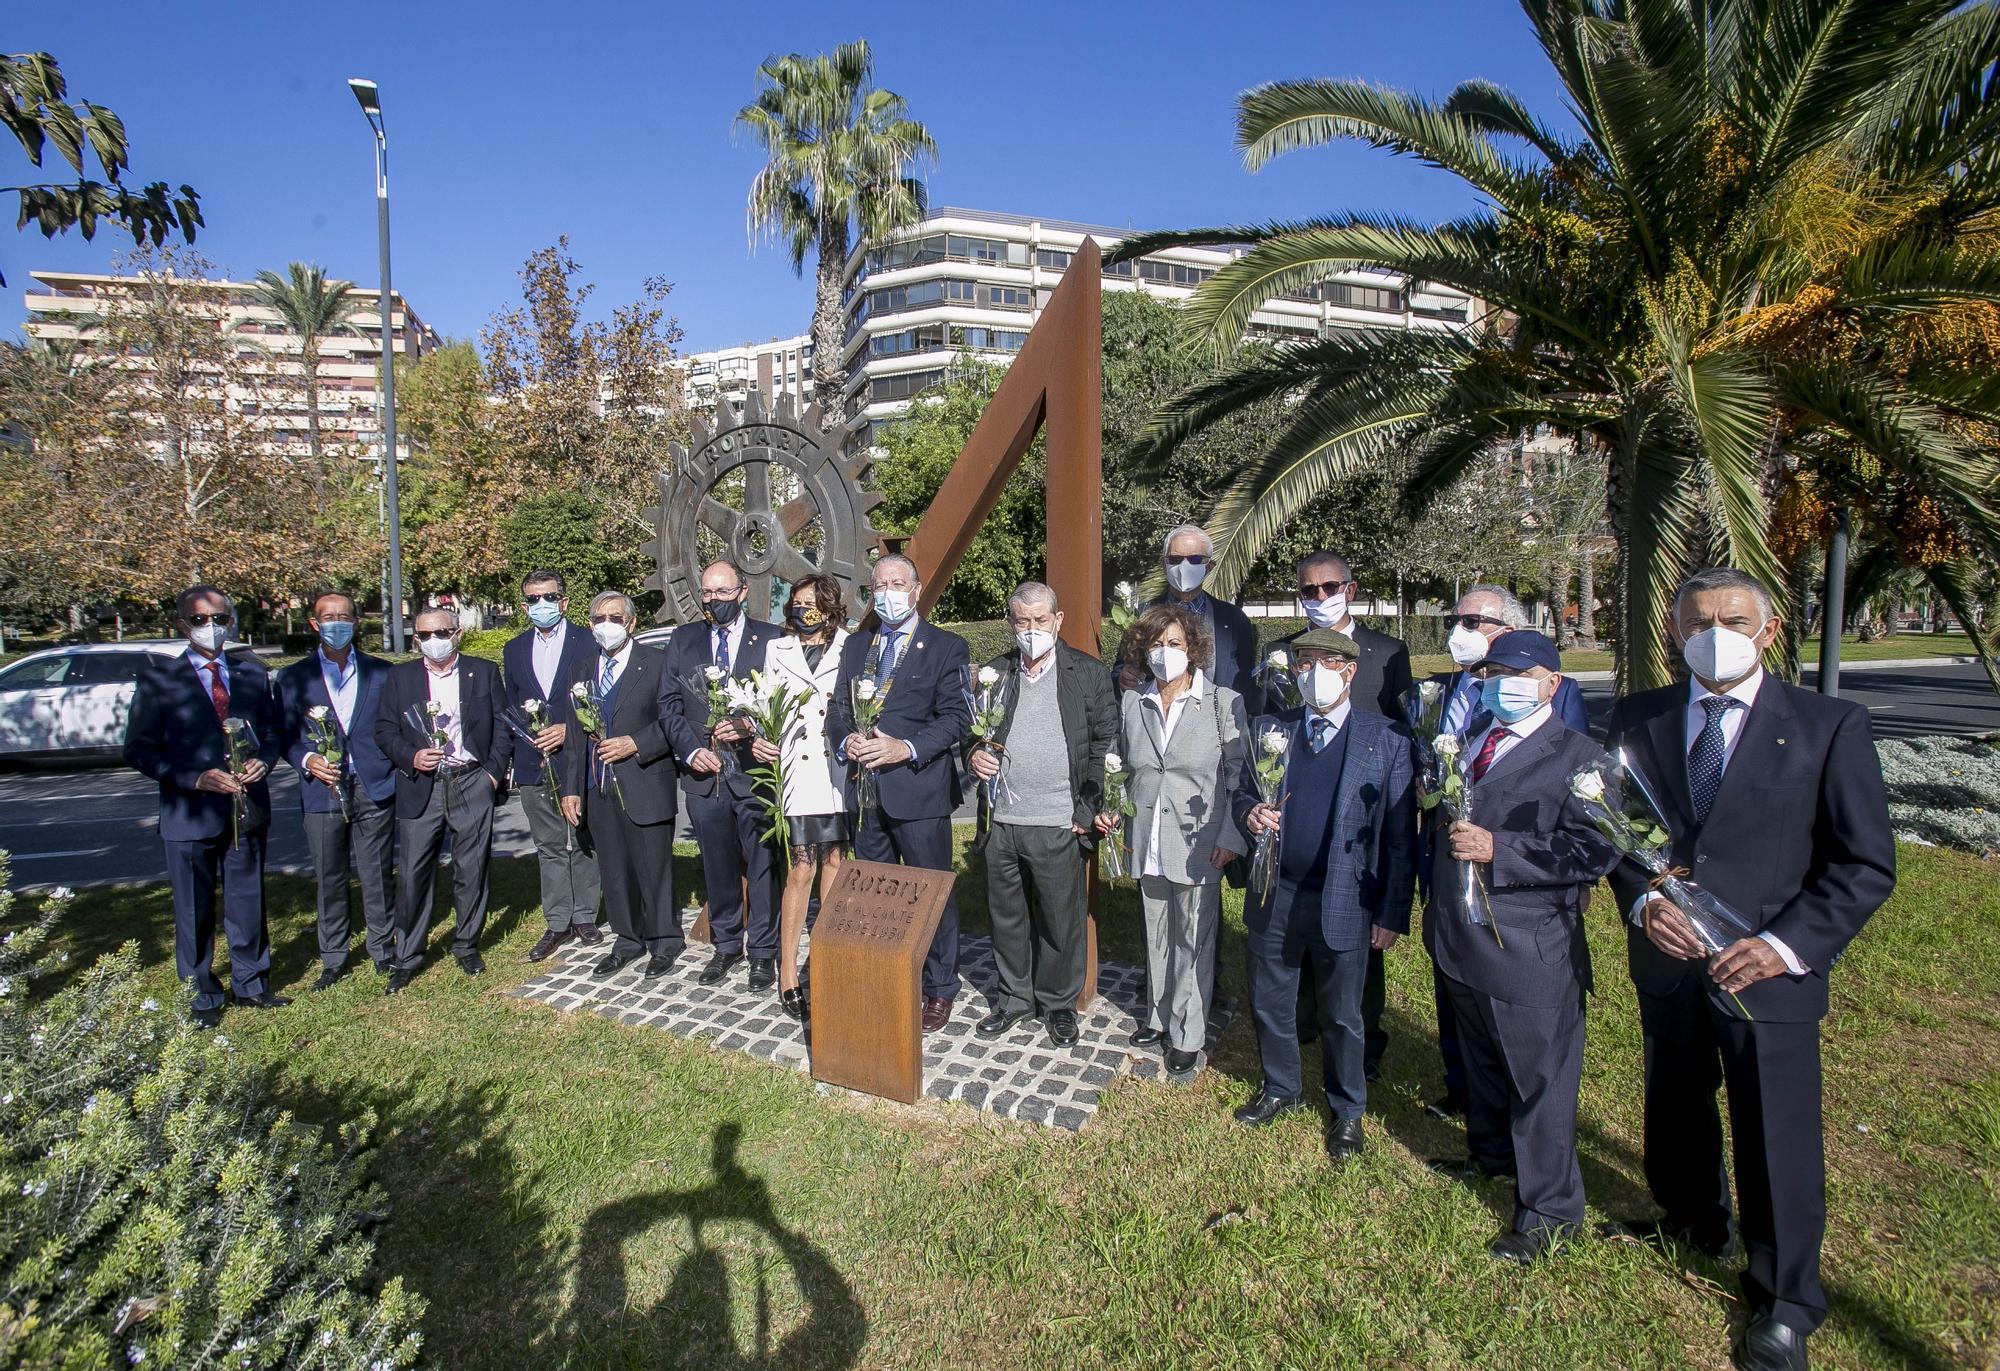 Los rotarios de Alicante celebran hoy 90 años de historia